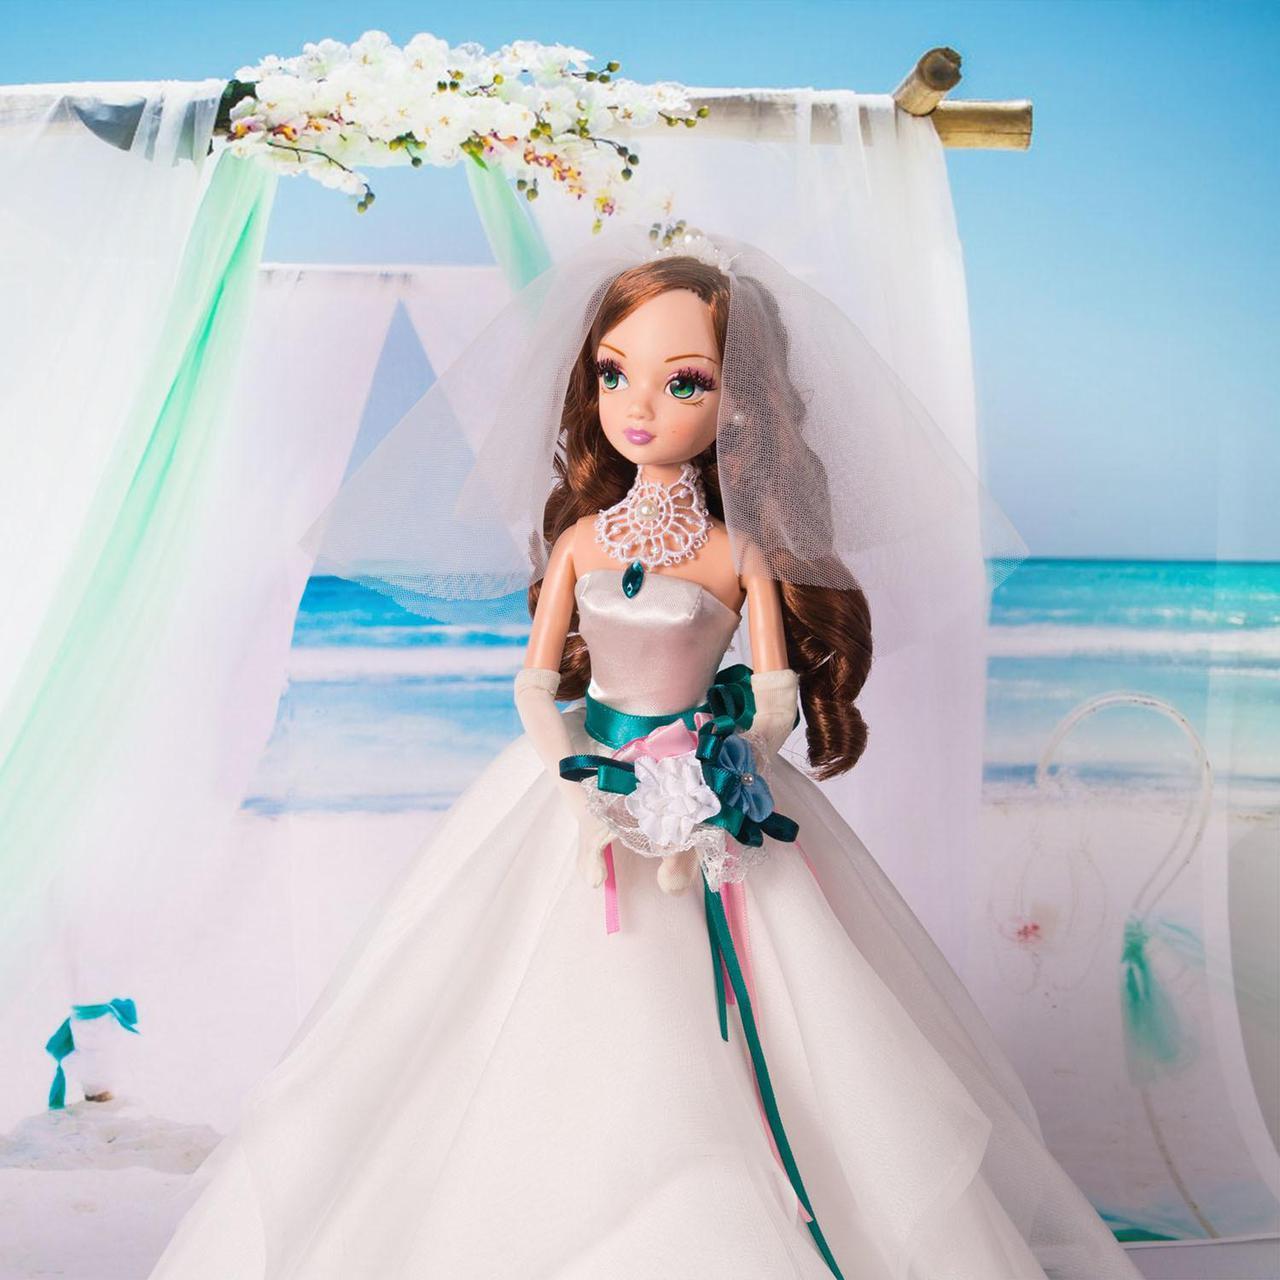 """Кукла Sonya Rose, серия """"Gold collection"""" платье Глория (Gulliver, Россия) - фото 1"""